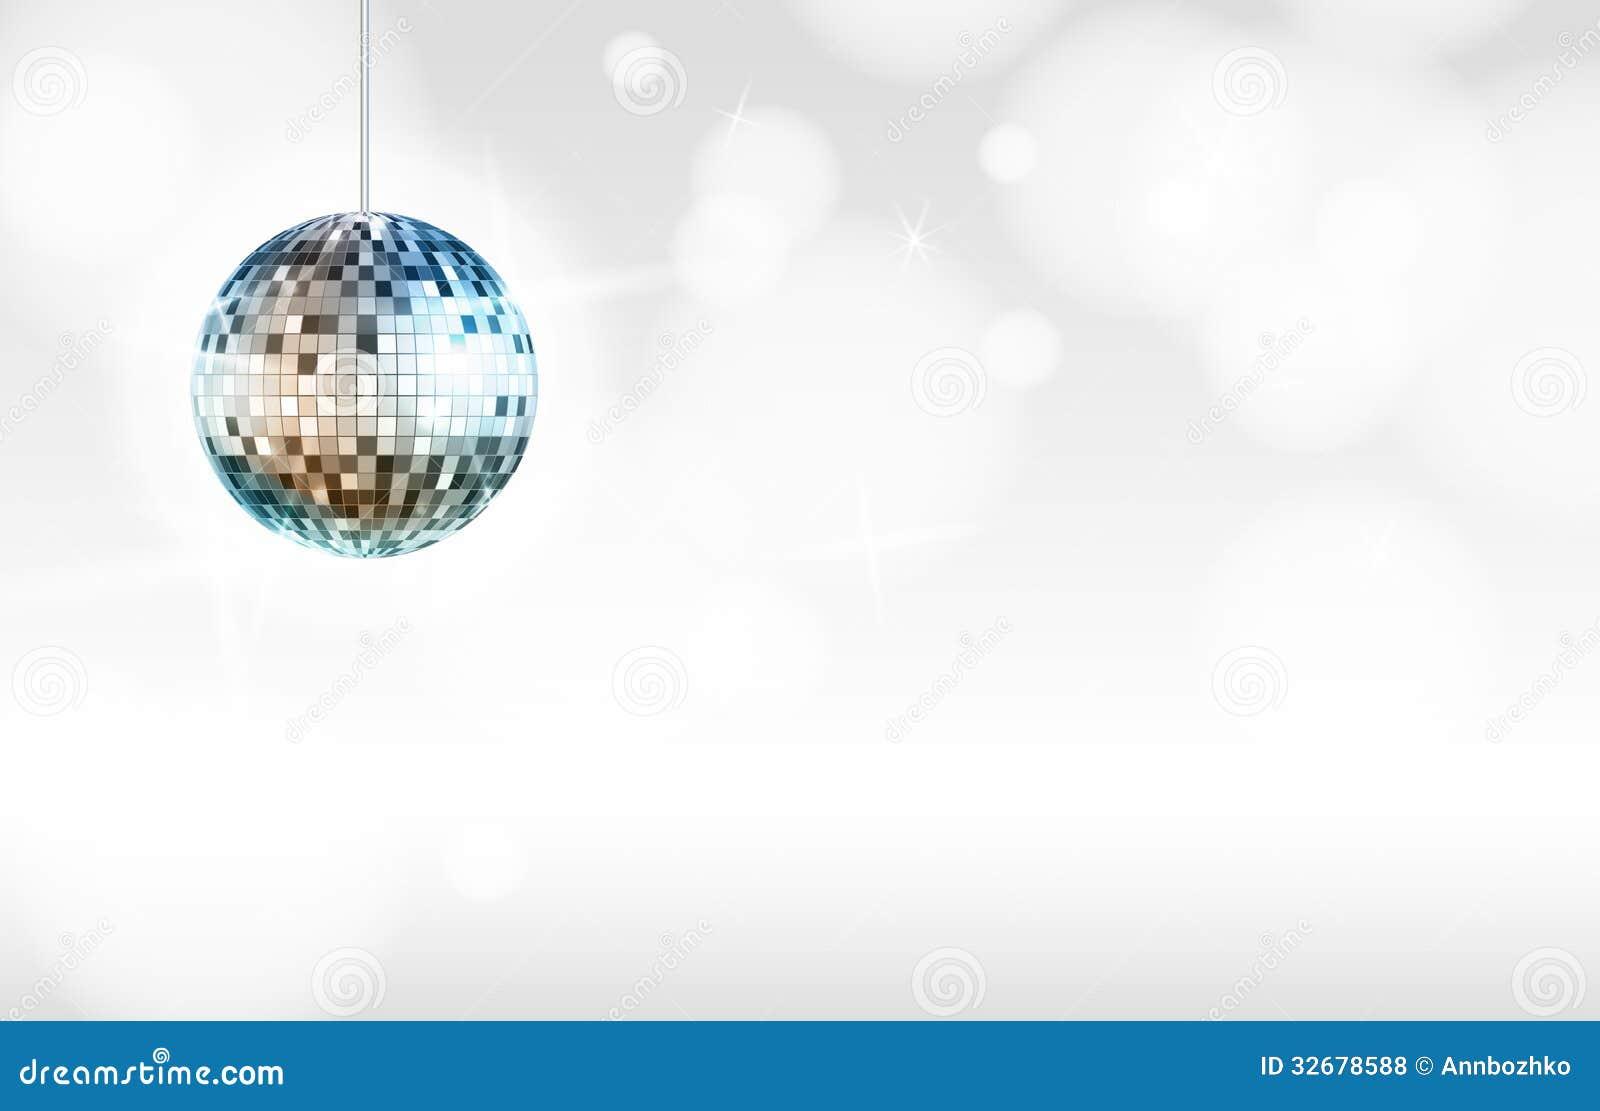 disco ball background white - photo #24